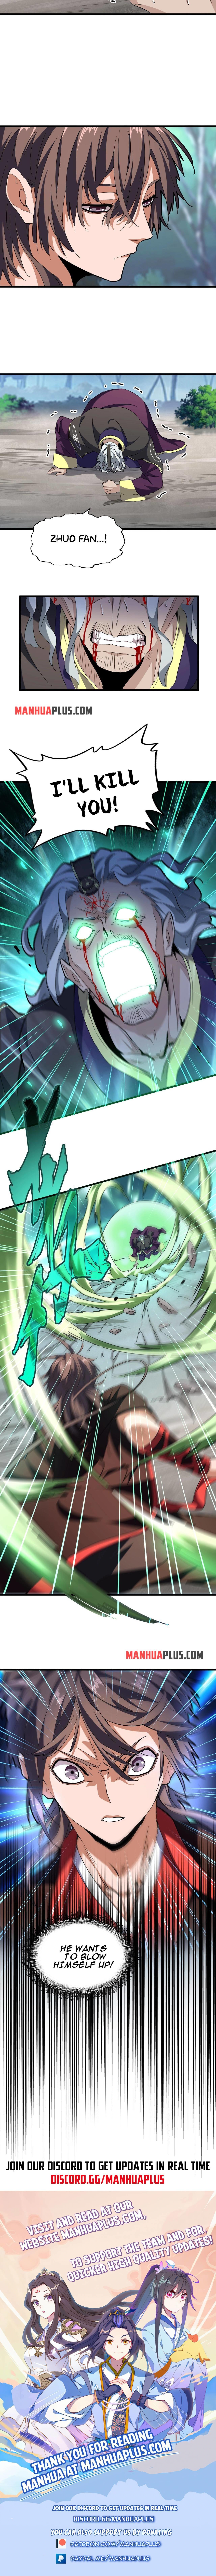 Magic Emperor Chapter 204 page 11 - Mangakakalots.com